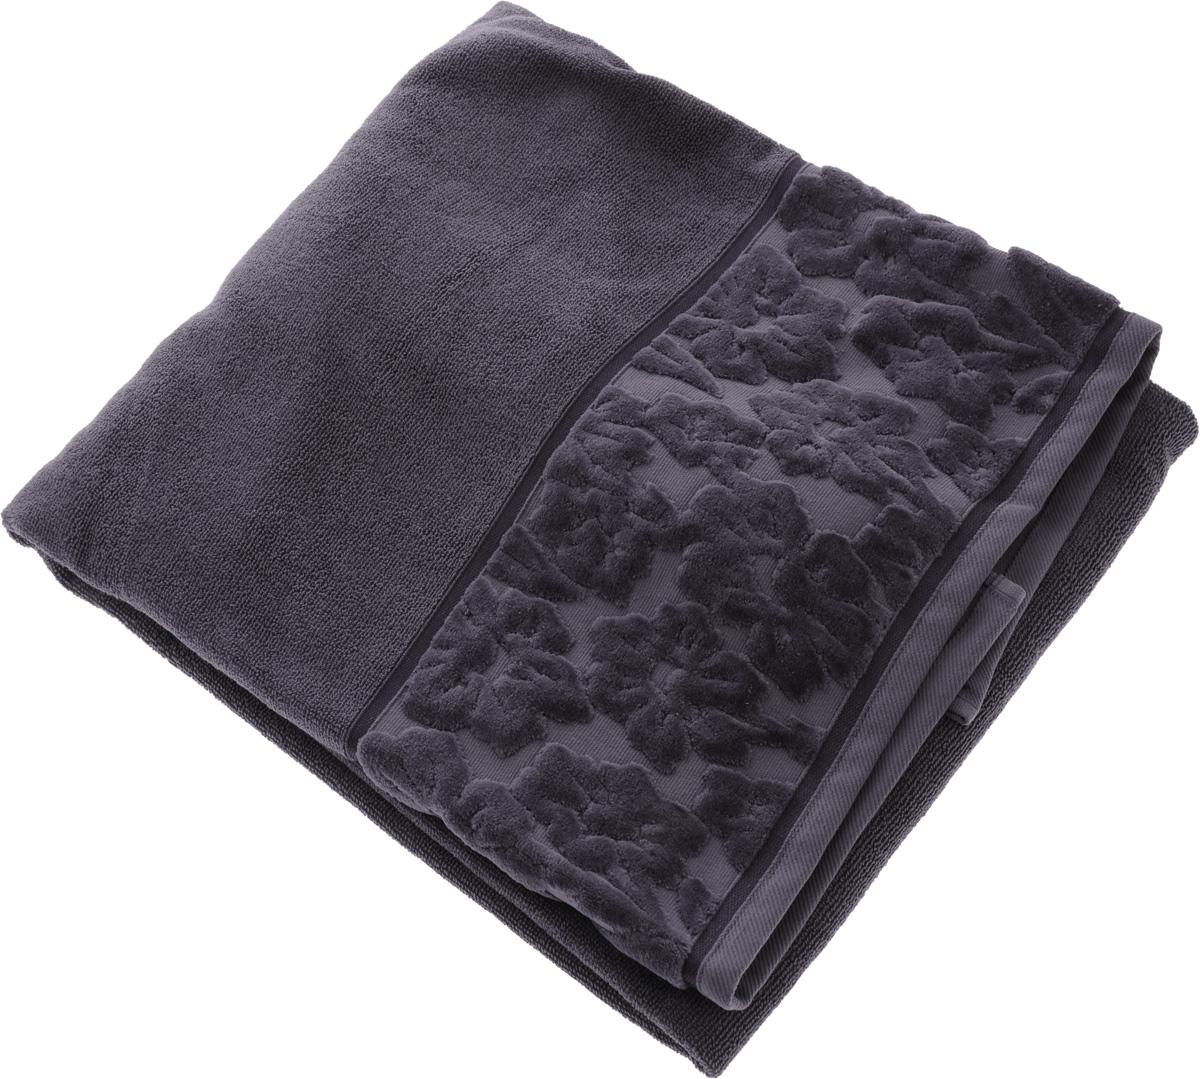 Полотенце махровое Issimo Home Jacquelyn, цвет: индиго, 90 x 150 см68/5/4Махровое полотенце Issimo Home Jacquelyn выполнено из 100% хлопка. Изделие отлично впитывает влагу, быстро сохнет, сохраняет яркость цвета и не теряет форму даже после многократных стирок. Полотенце очень практично и неприхотливо в уходе. Оно прекрасно дополнит интерьер ванной комнаты.